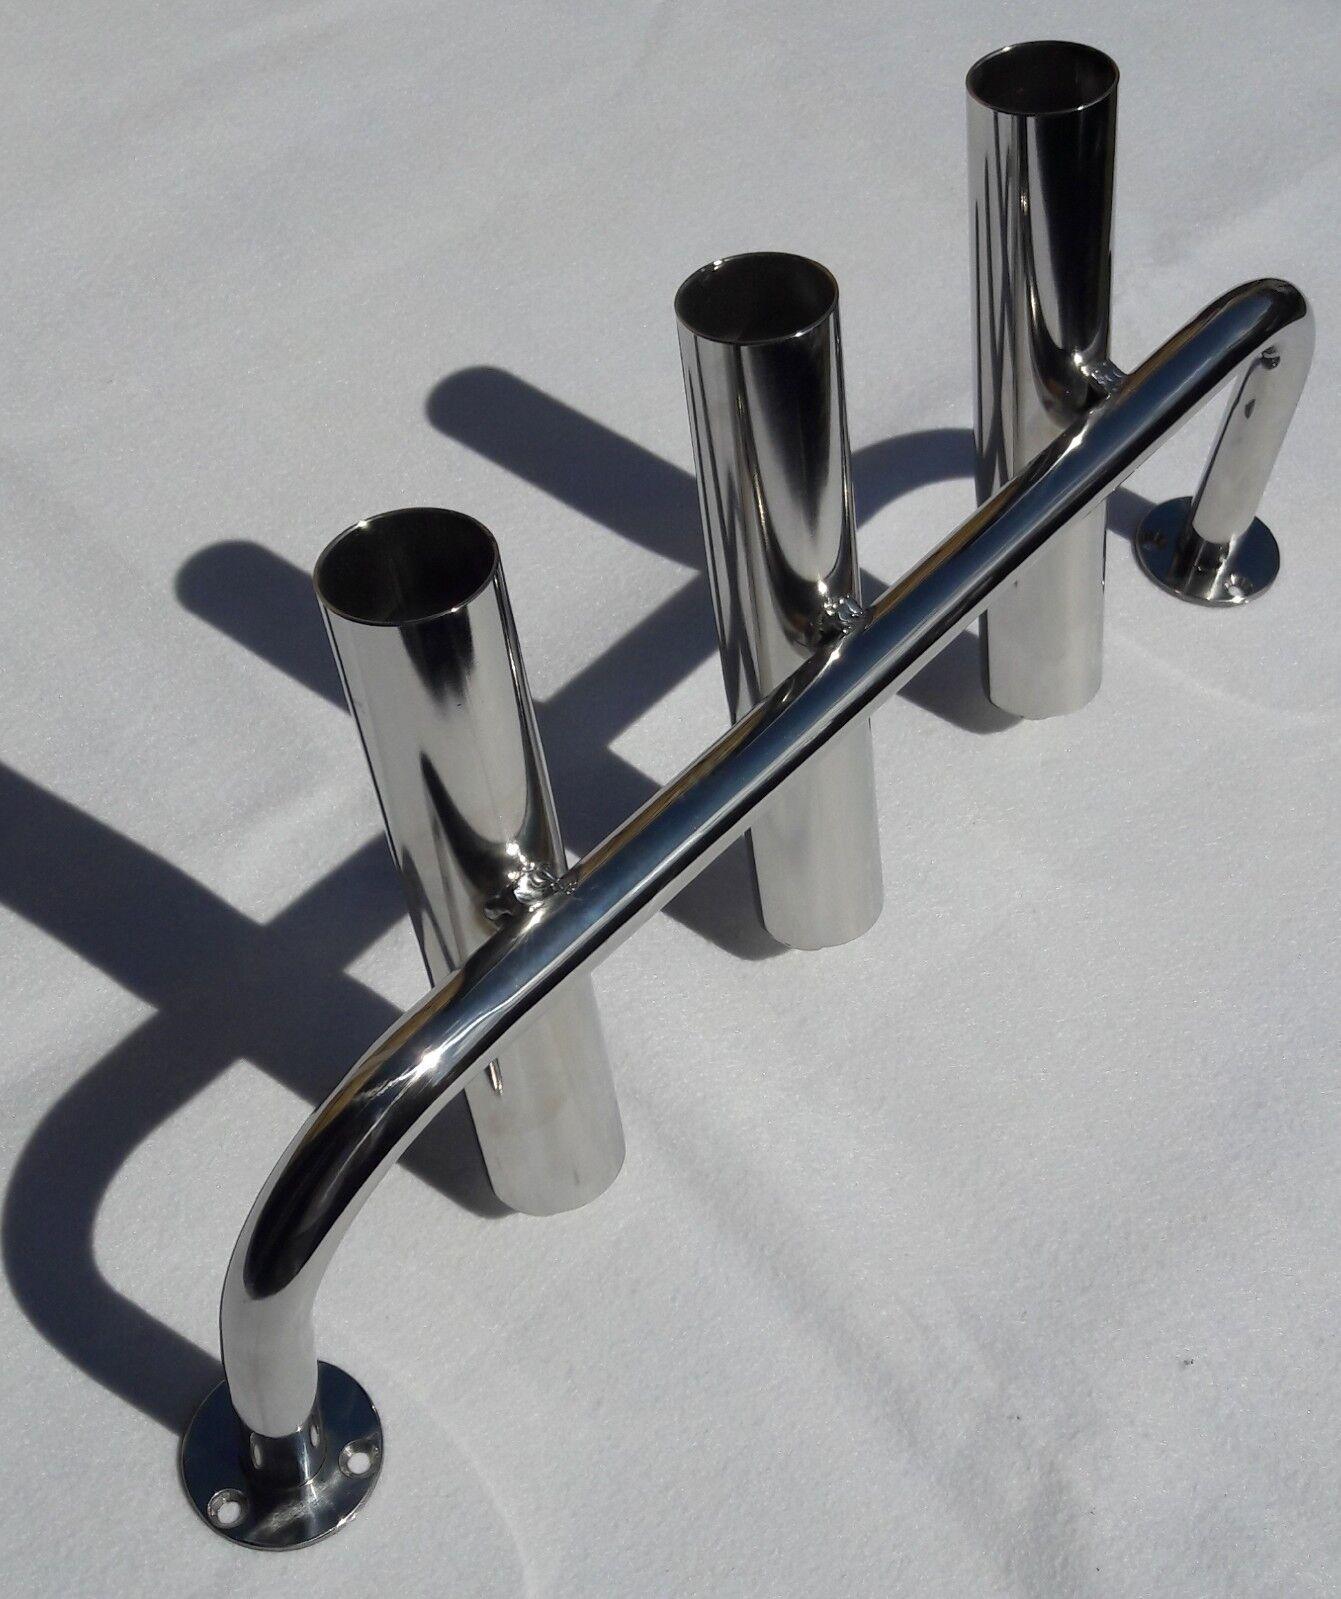 3 TUBE STAINLESS STEEL 316 BOAT FISHING ROD HOLDER  (40mm tube)